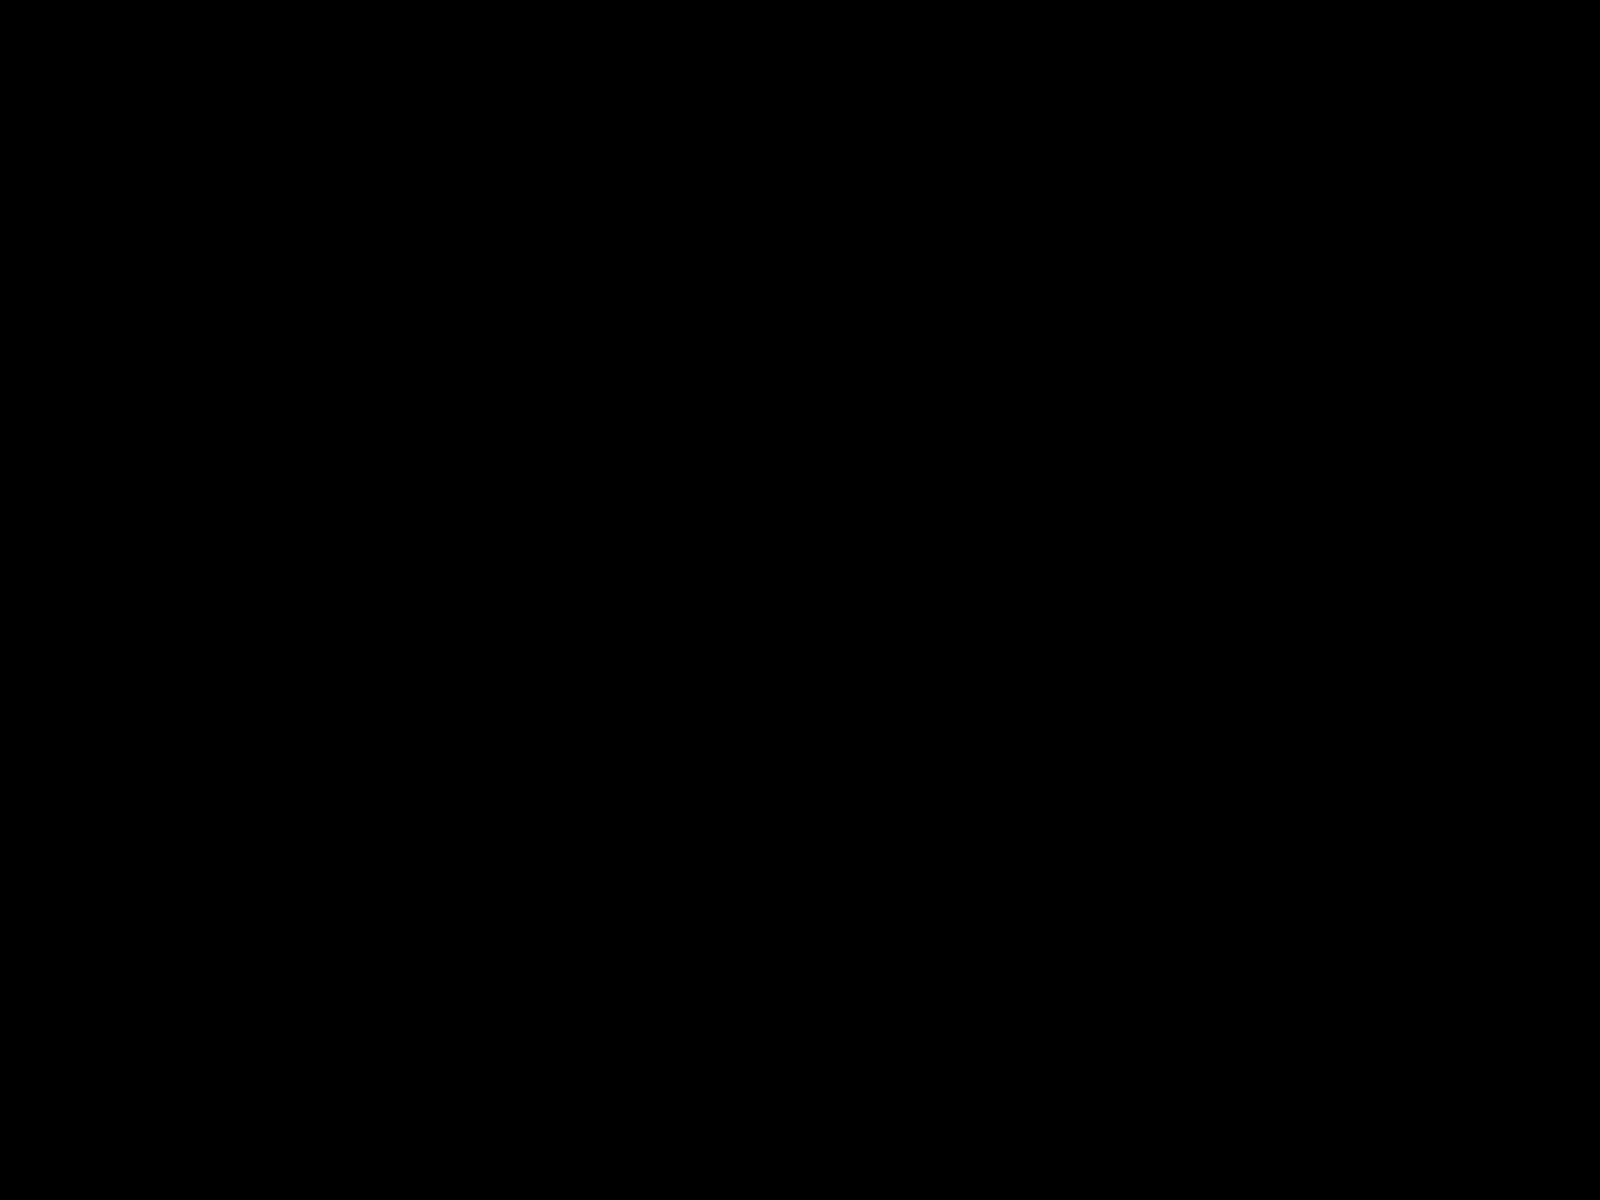 AMBASADOR BOSNE I HERCEGOVINE U REPUBLICI SJEVERNOJ MAKEDONIJI DRAGAN JAĆIMOVIĆ U POSJETI OPŠTINI ČUČER-SANDEVO, S. KUČEVIŠTE